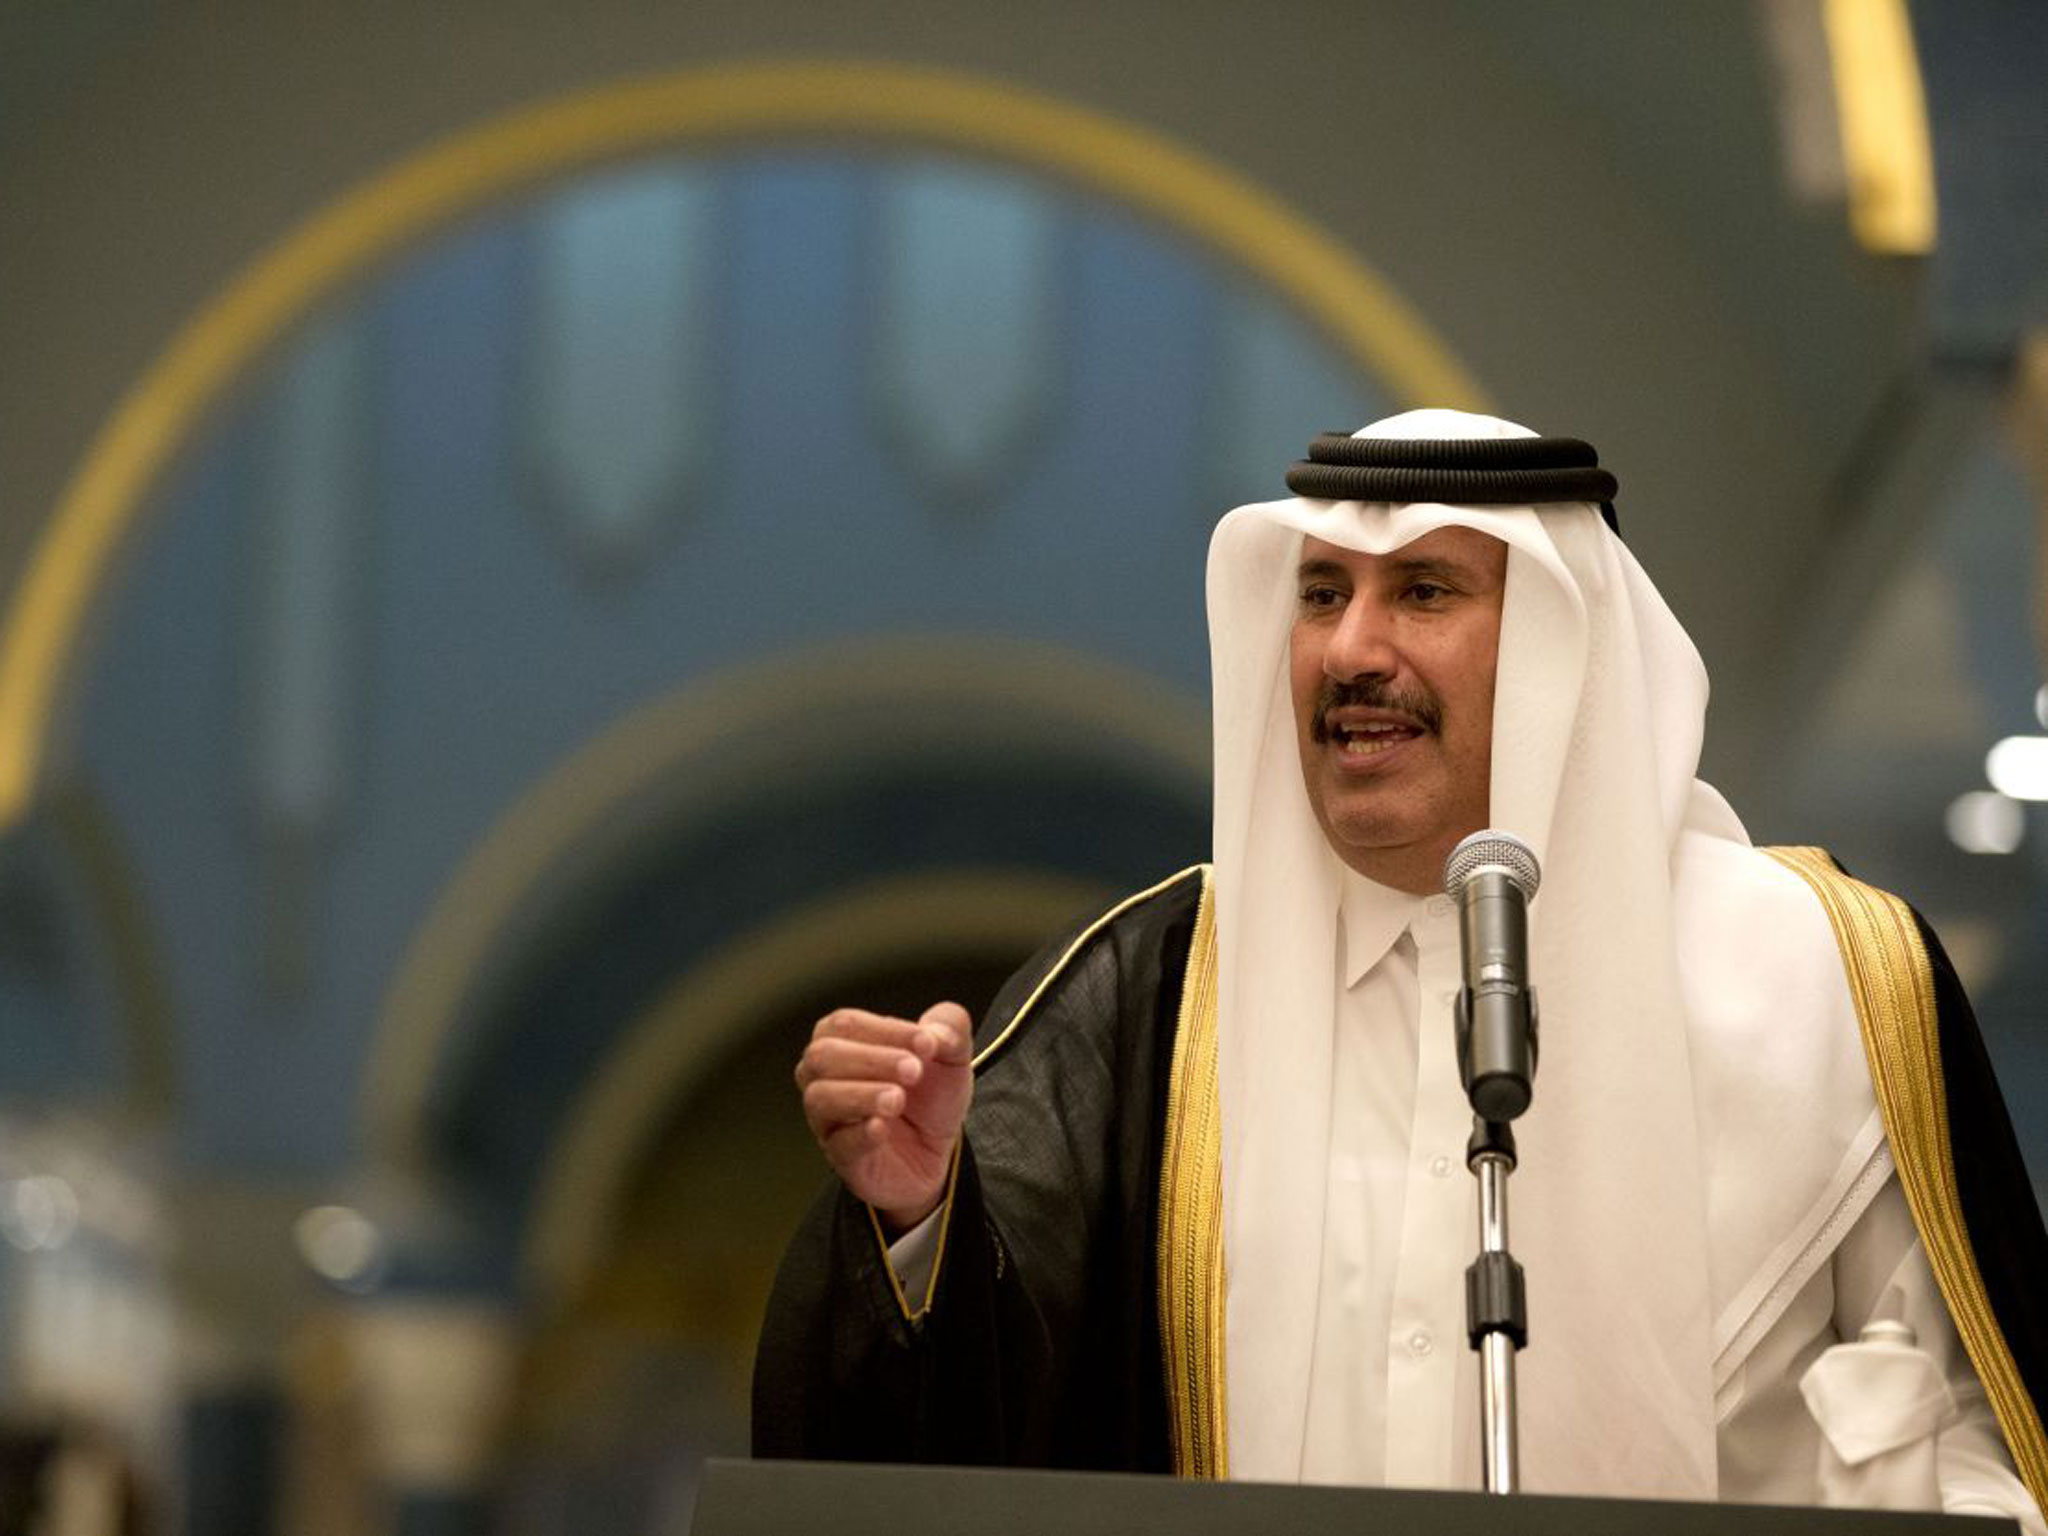 Hành trình lột xác của Qatar, nơi dân sống không cần đóng thuế, chết đã có Chính phủ lo - Ảnh 2.